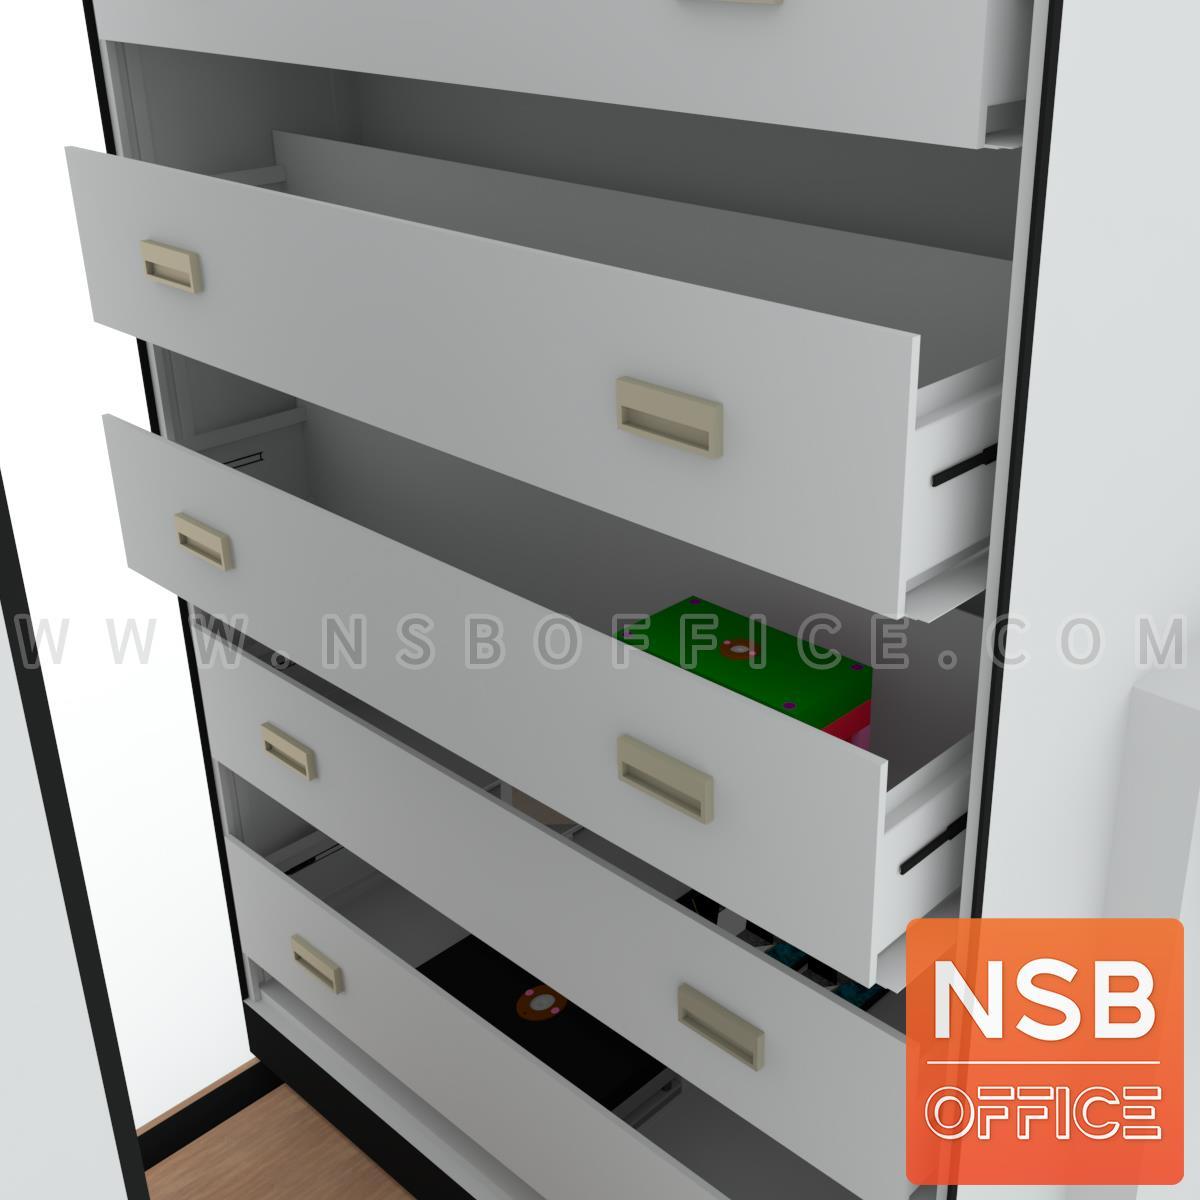 ตู้รางเลื่อนลิ้นชักเก็บชิ้นงาน ระบบมือผลัก  ความลึก 91.4 ซม. 1 ตอน 6, 8, 10 ตู้ (เหล็กหนา 0.7 มม.)